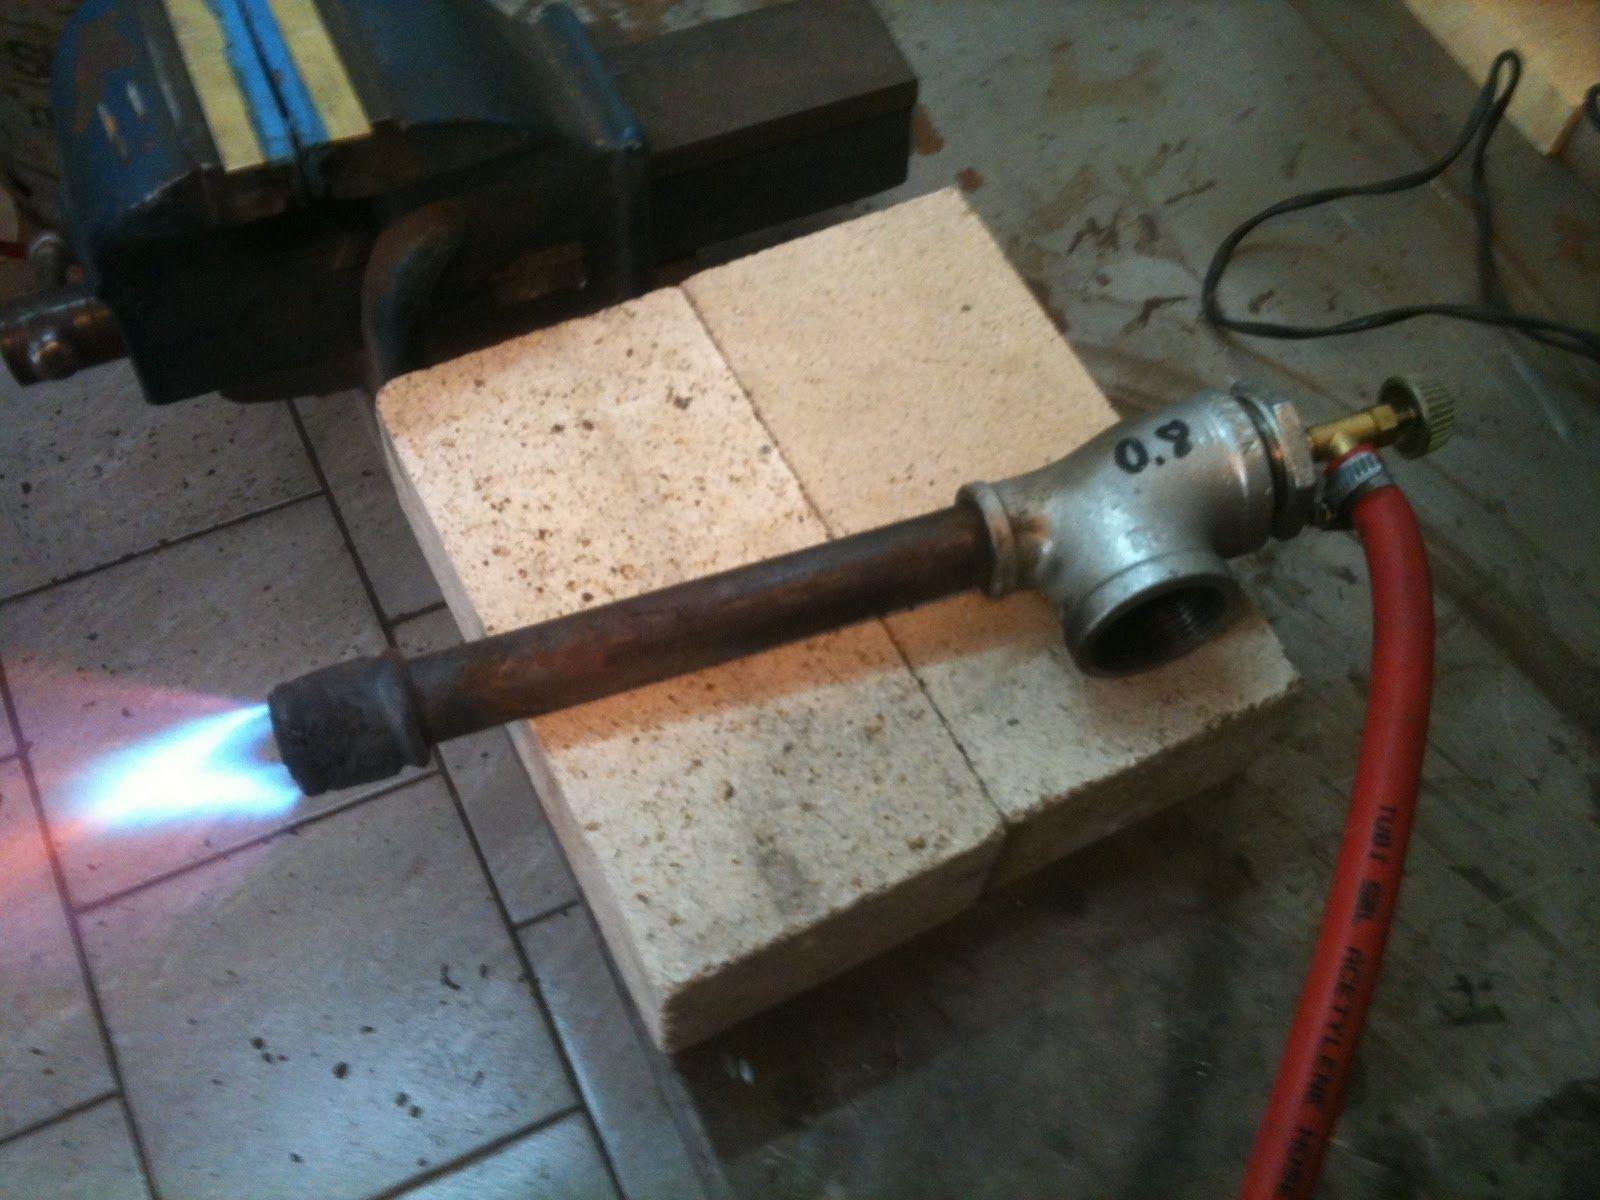 Pin on knife making